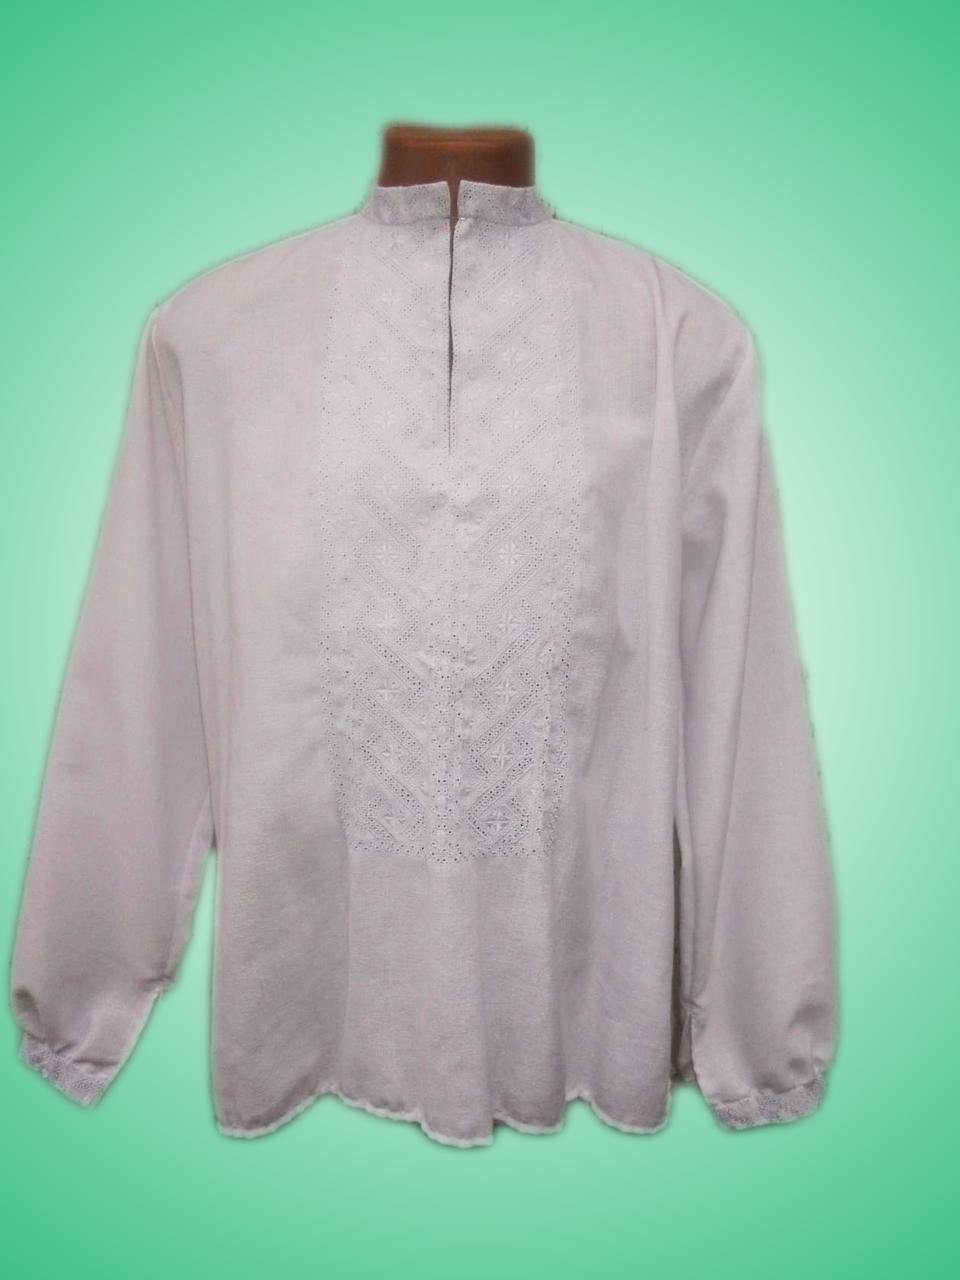 Чоловіча вишита сорочка з білосніжним узором (Мужская вышитая рубашка с  белоснежным узором) SN- a6a950cdd1240